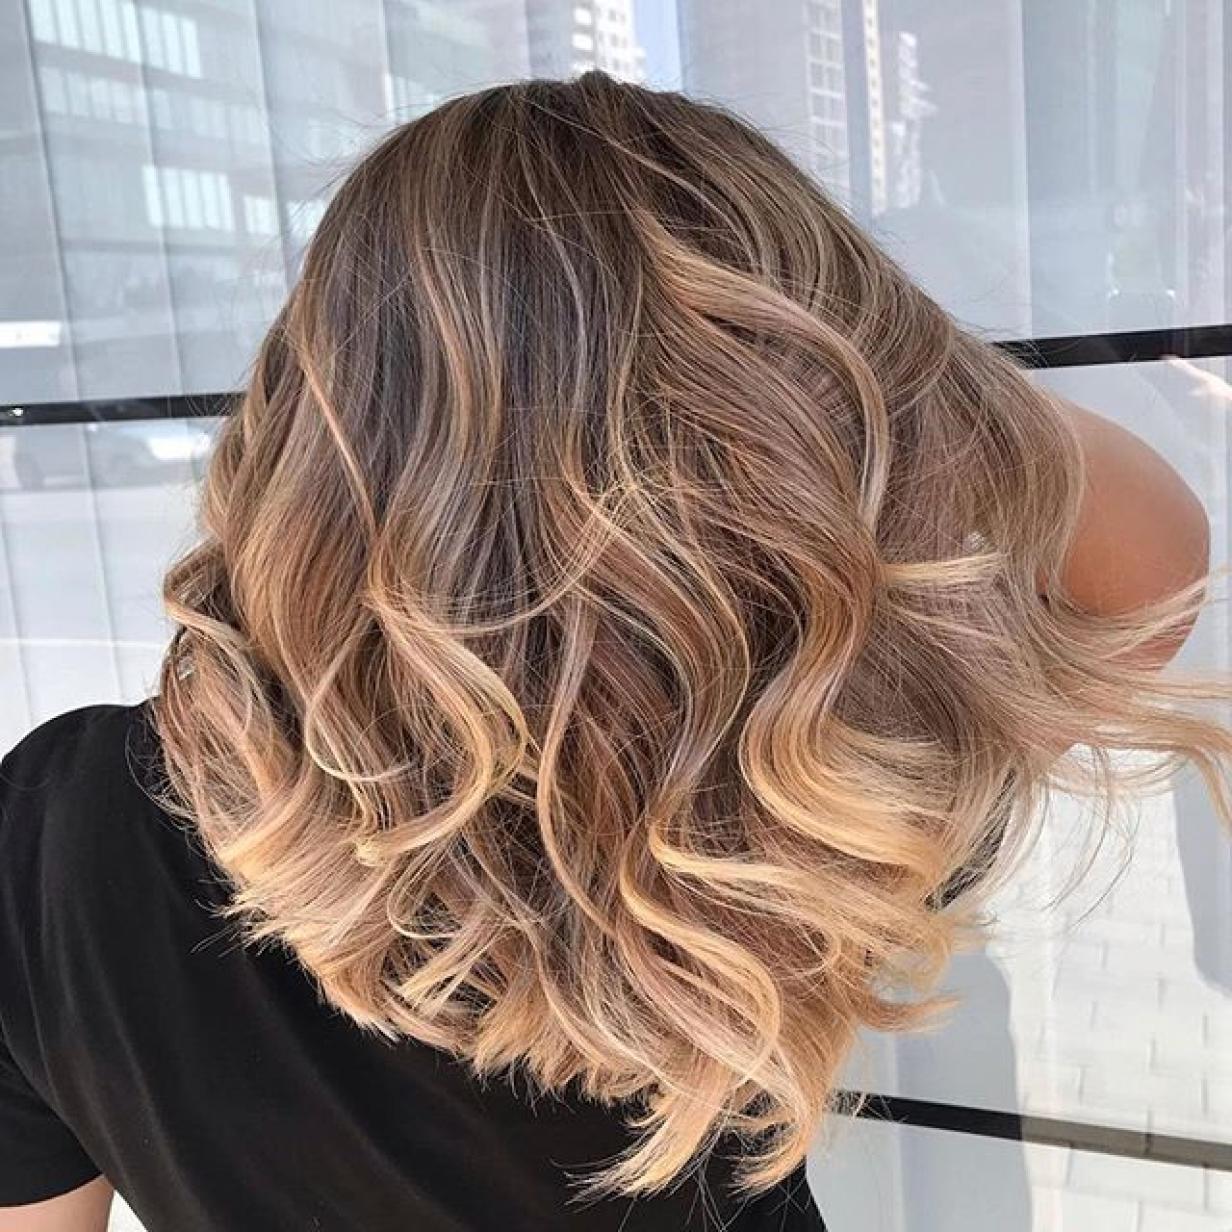 Foilyage: Der neue Haartrend, der jedem steht